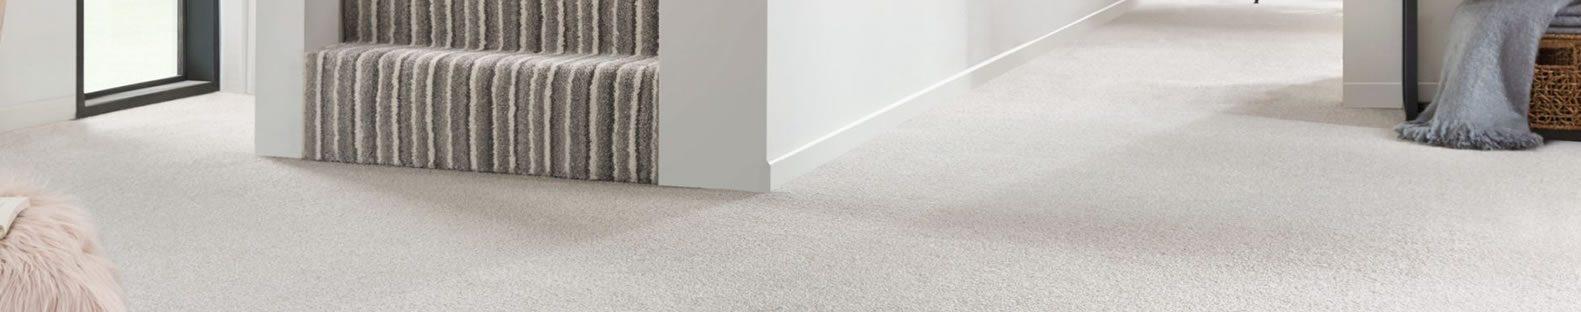 Carpet shop dunston